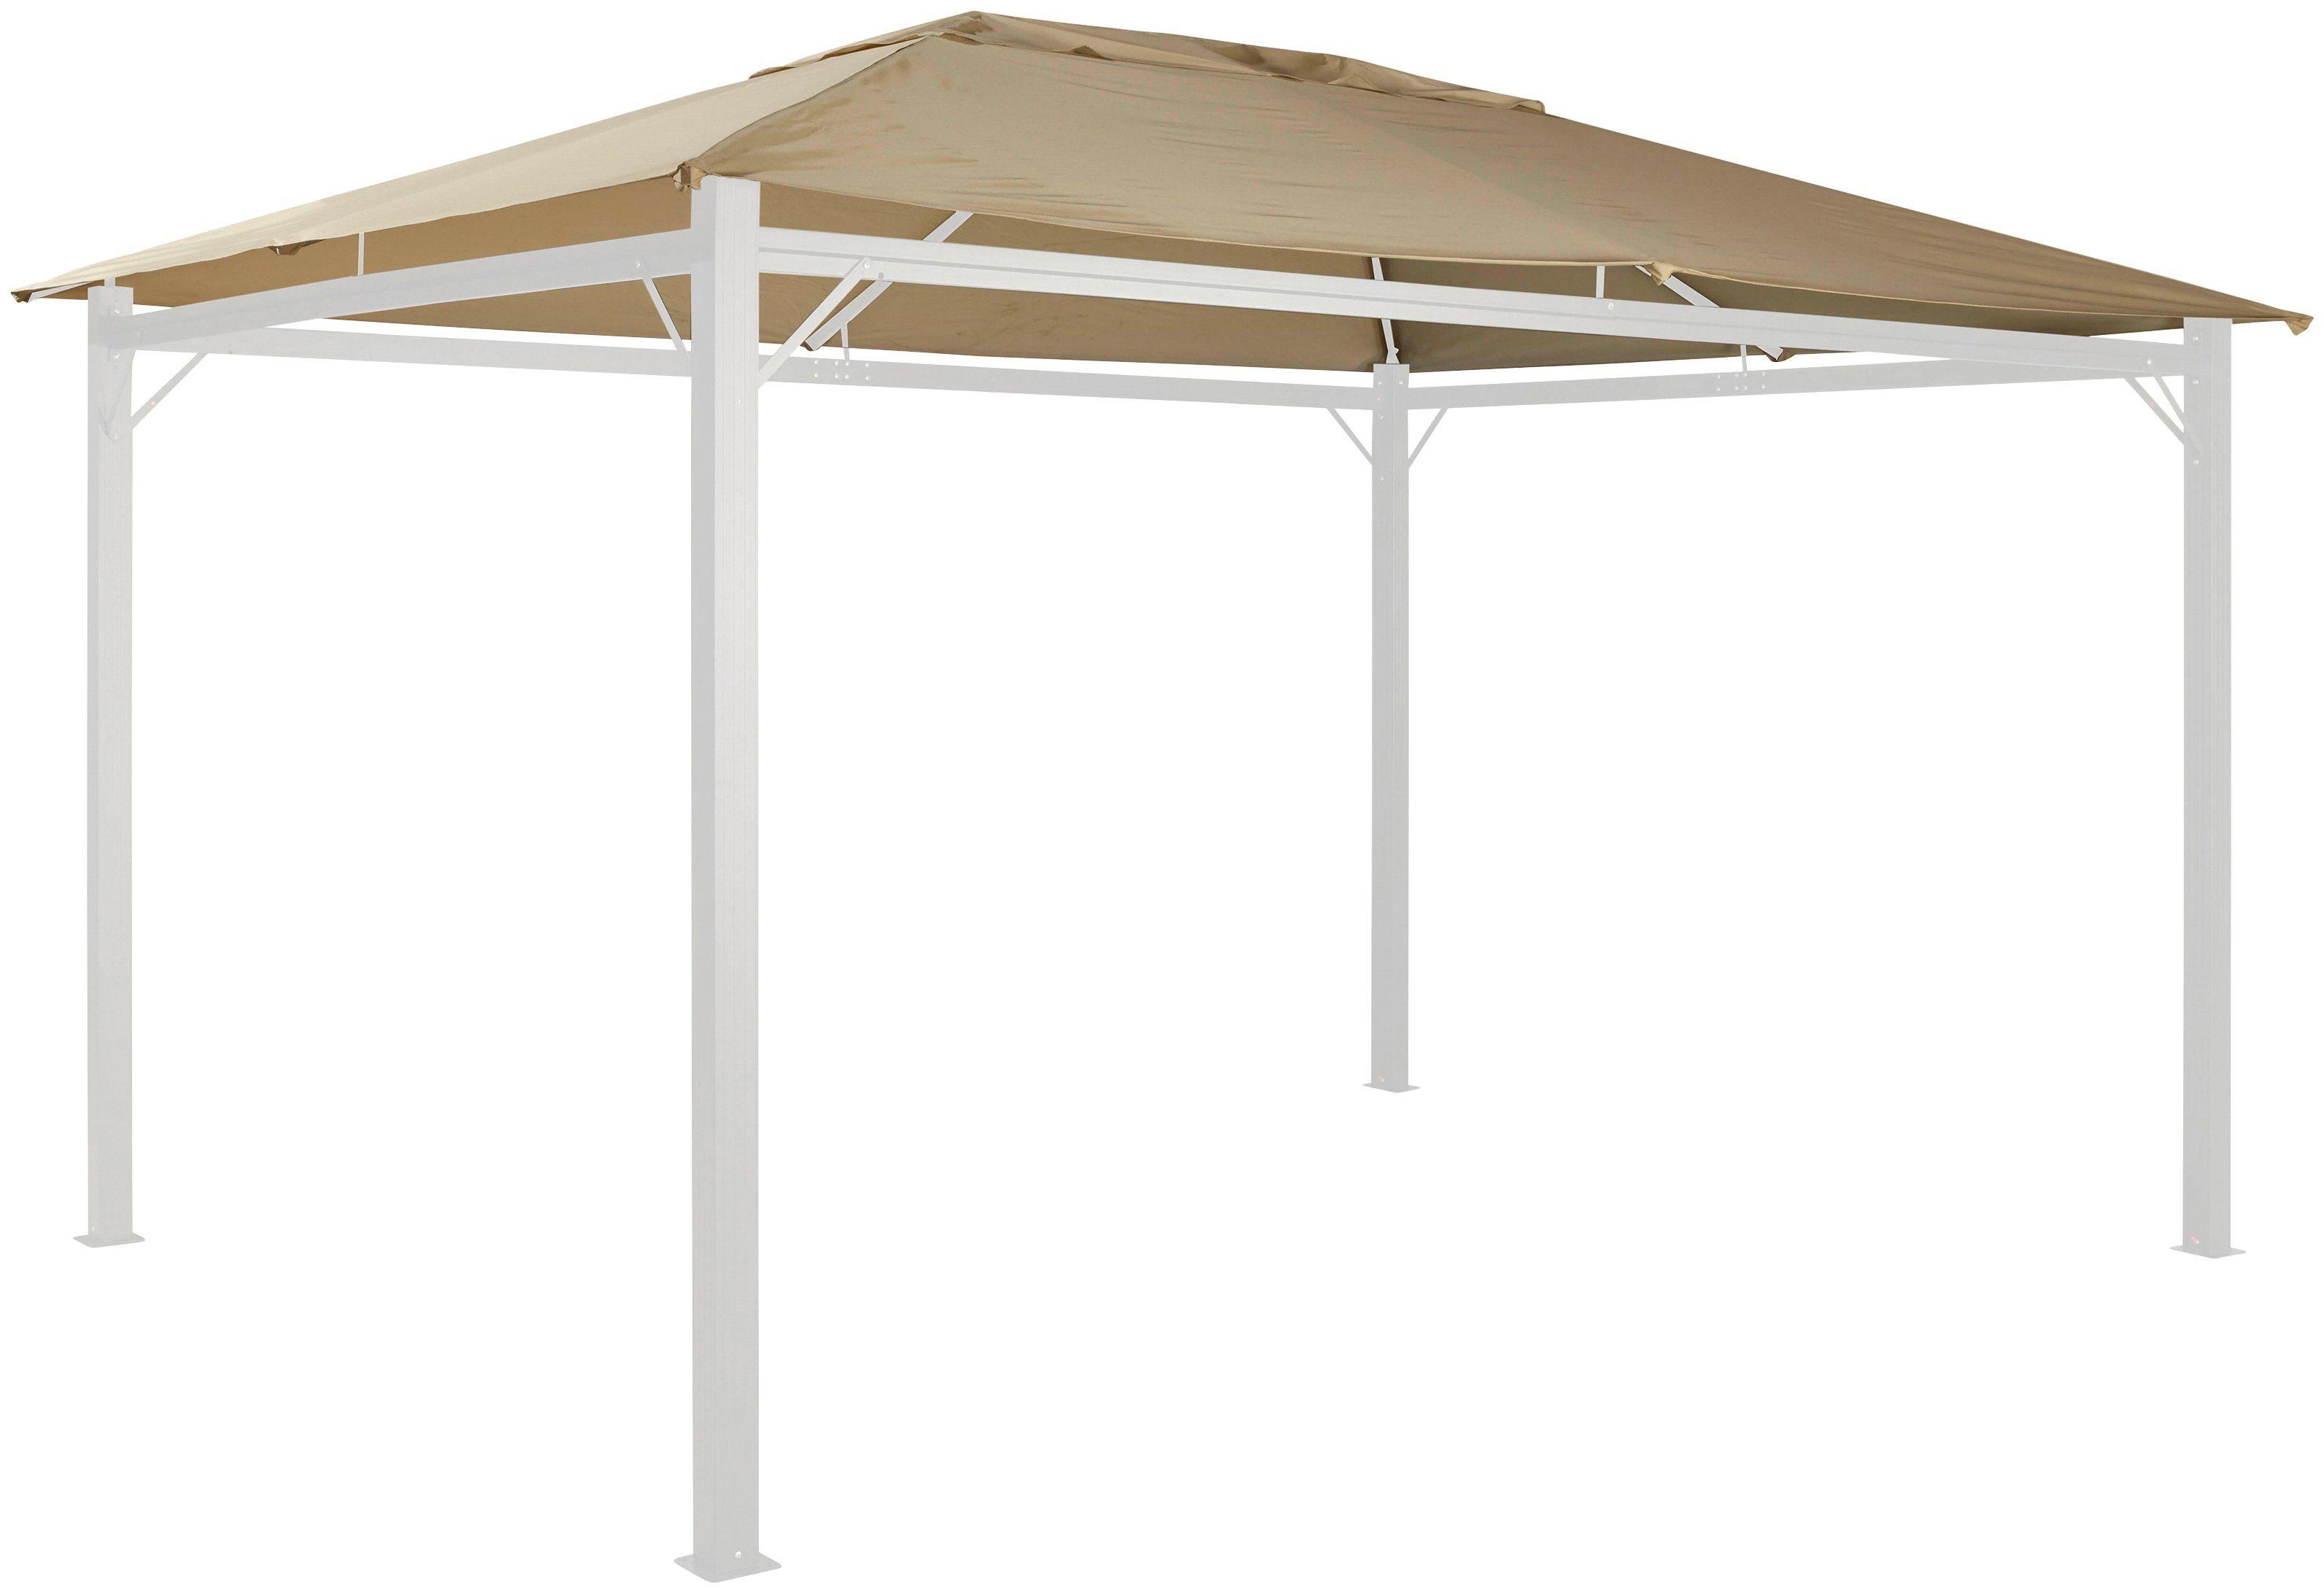 Sehr Pavillons online kaufen » in 3x3, 3x4, 3x6, 4x4 & rund | OTTO AJ21